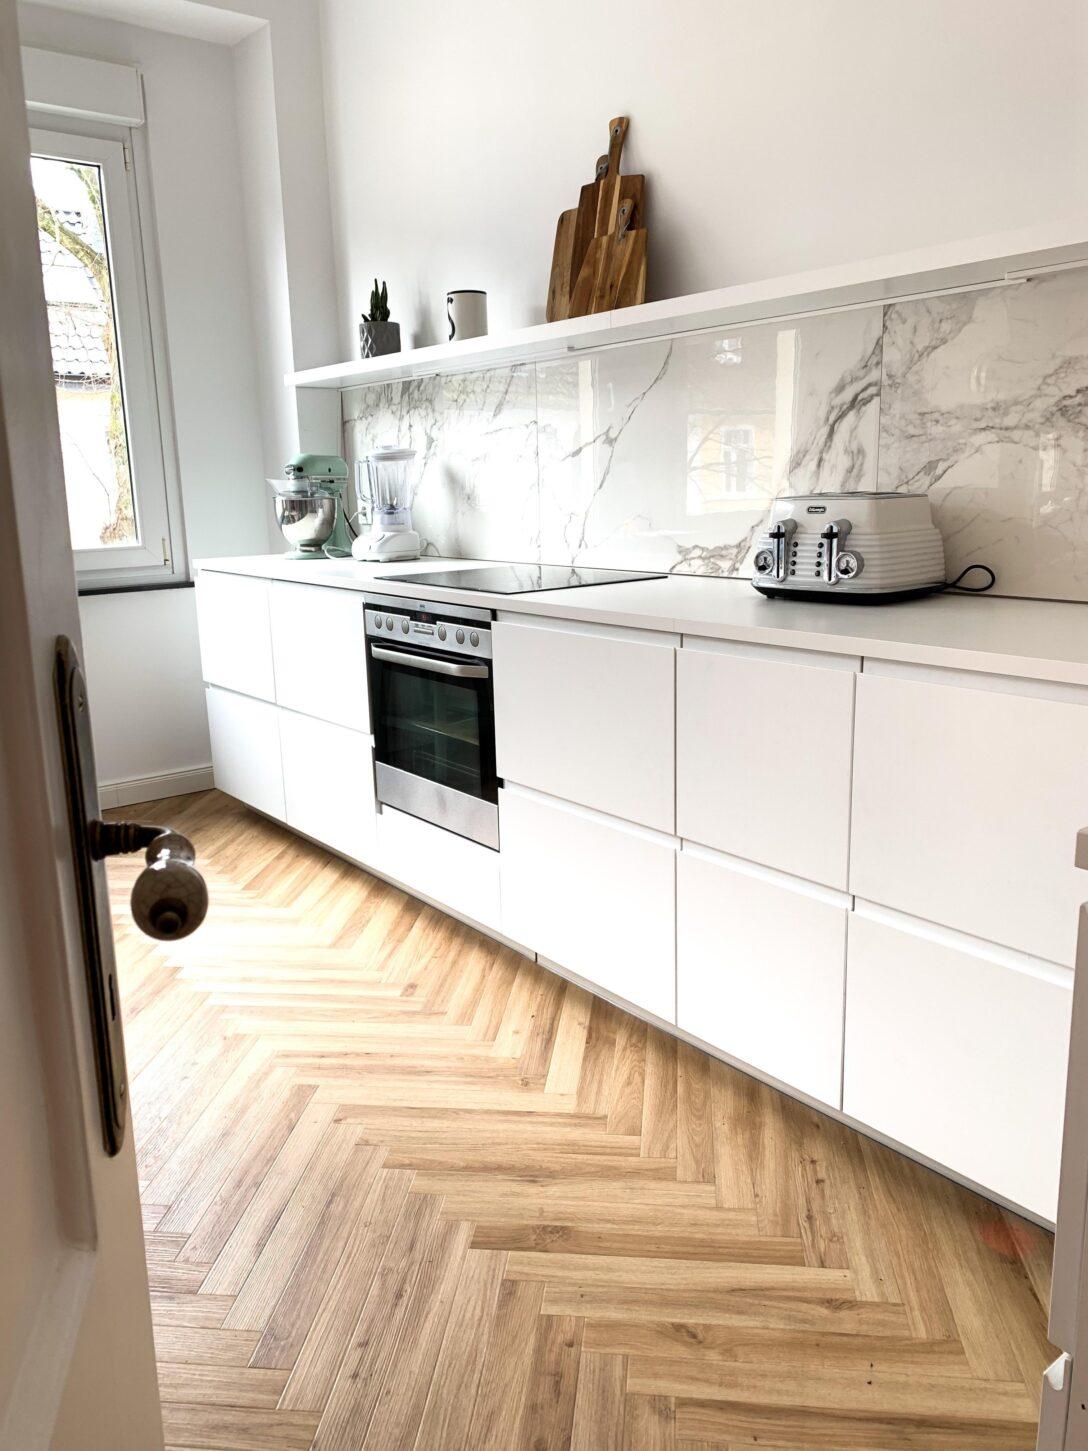 Large Size of Ikea Küche Marmor Kche Altbau Altbauliebe Dekoliebe Barhocker Aufbewahrungssystem Rosa Selber Planen Was Kostet Eine Neue Singleküche Mit Kühlschrank Wohnzimmer Ikea Küche